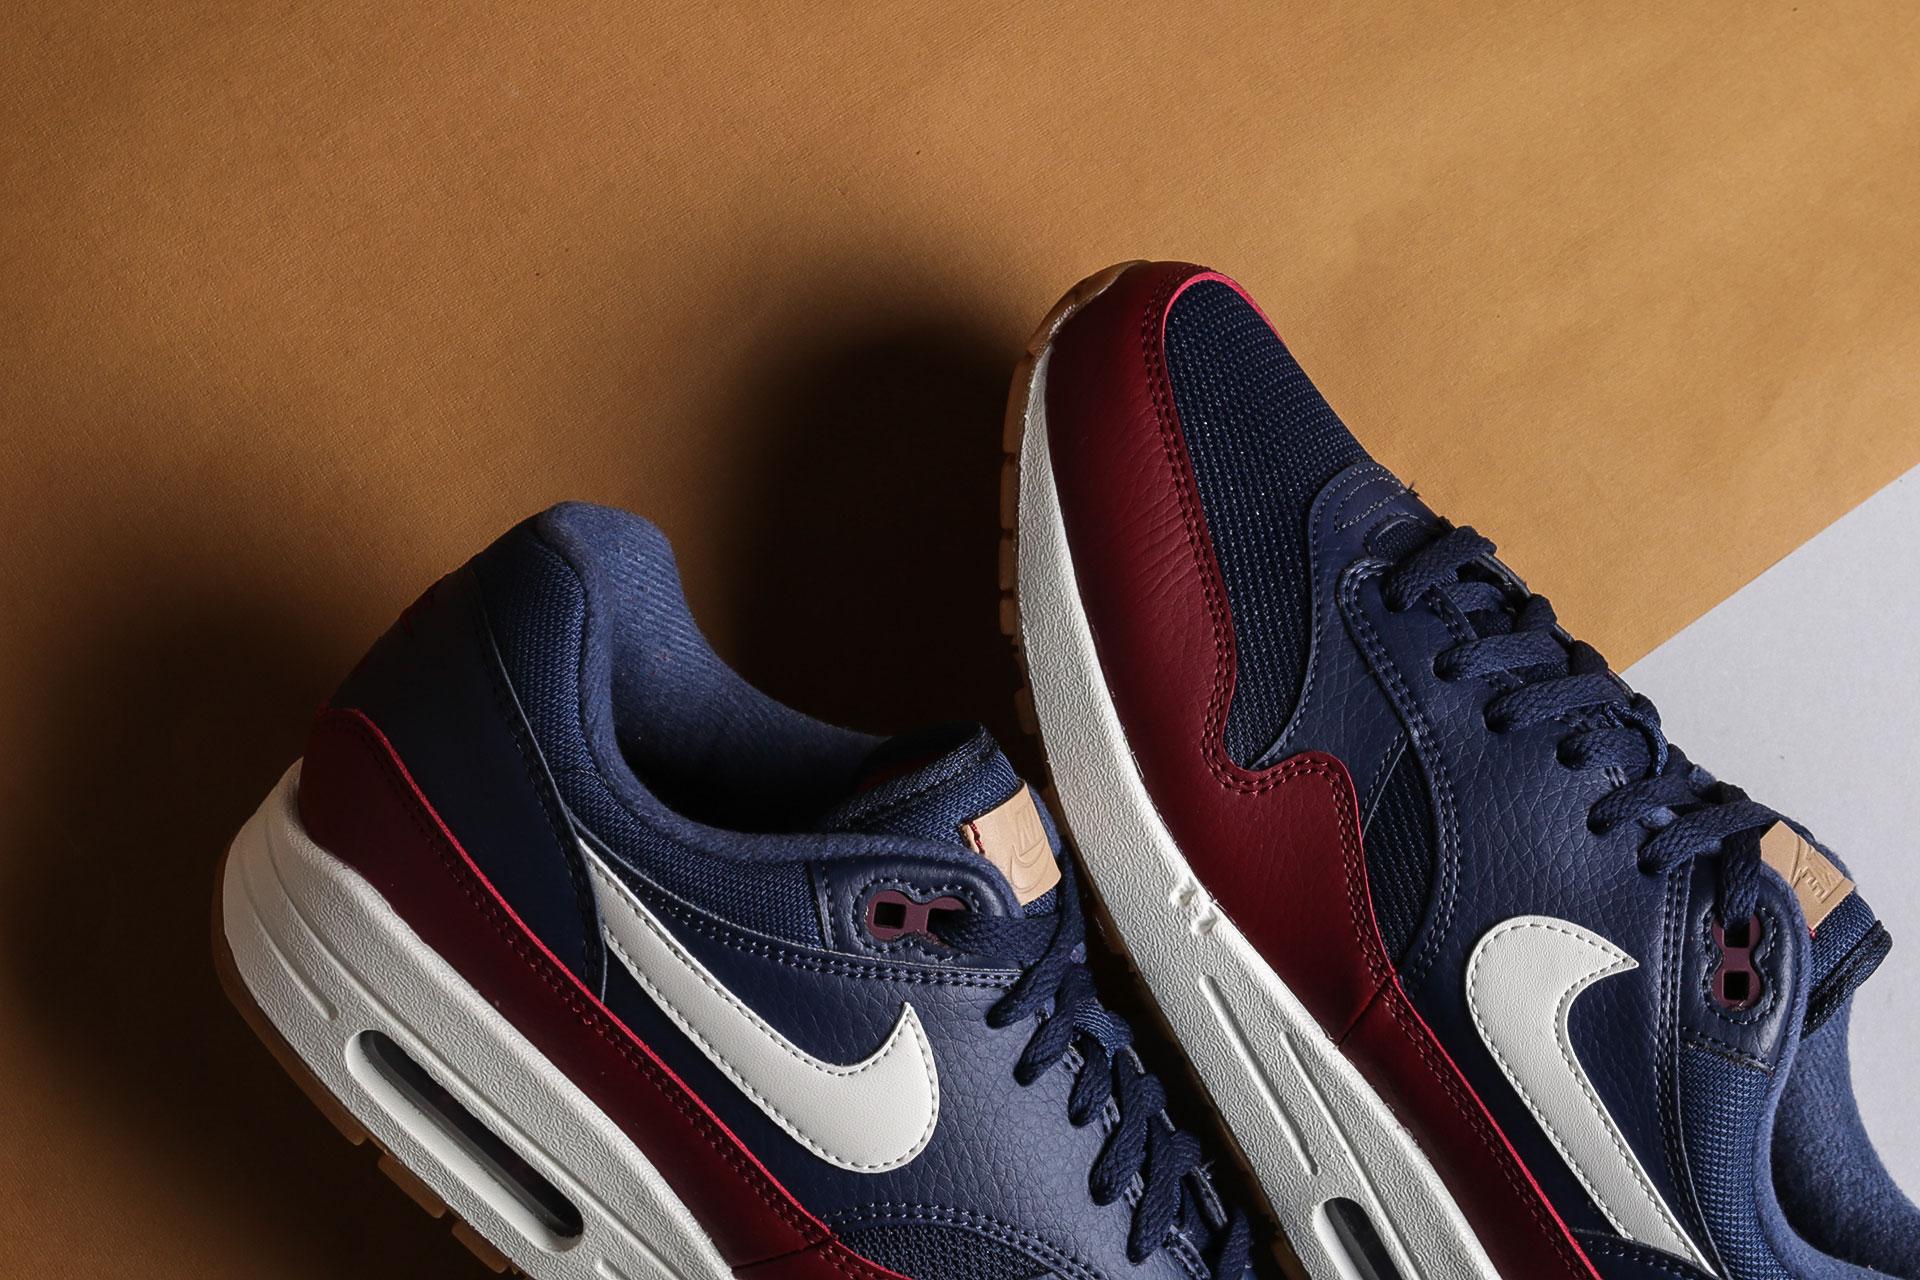 3ce8117a ... Купить мужские синие кроссовки Nike Air Max 1 - фото 4 картинки ...